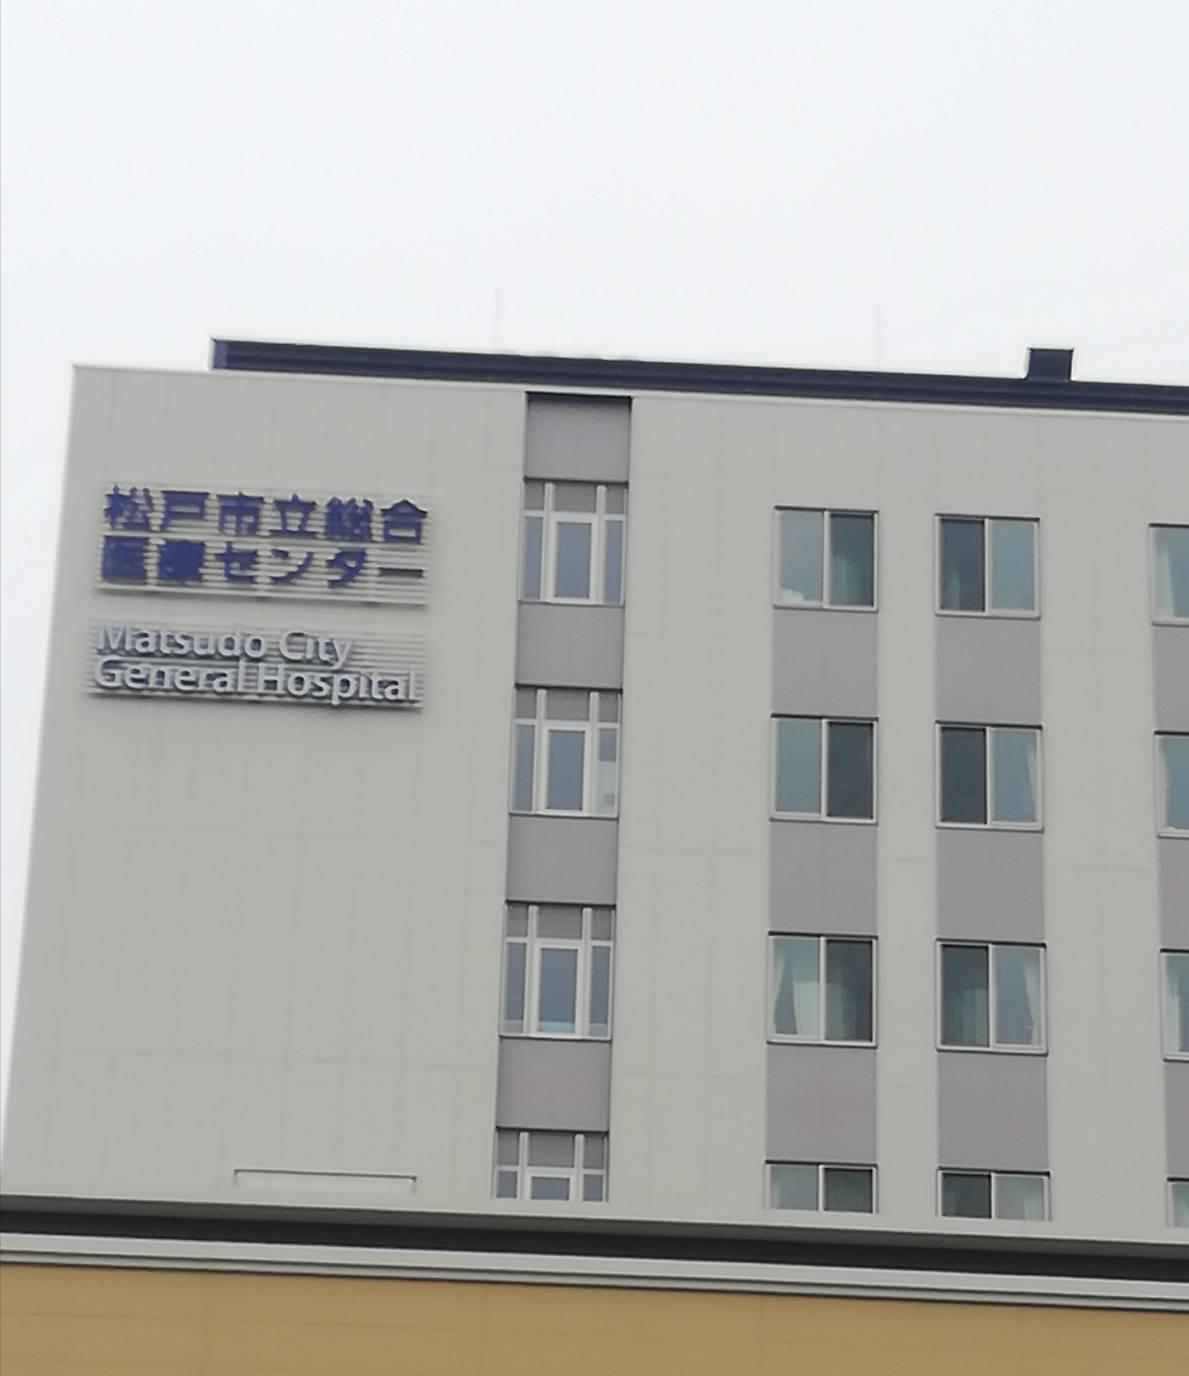 松戸 市立 総合 医療 センター 松戸市立総合医療センター - Wikipedia